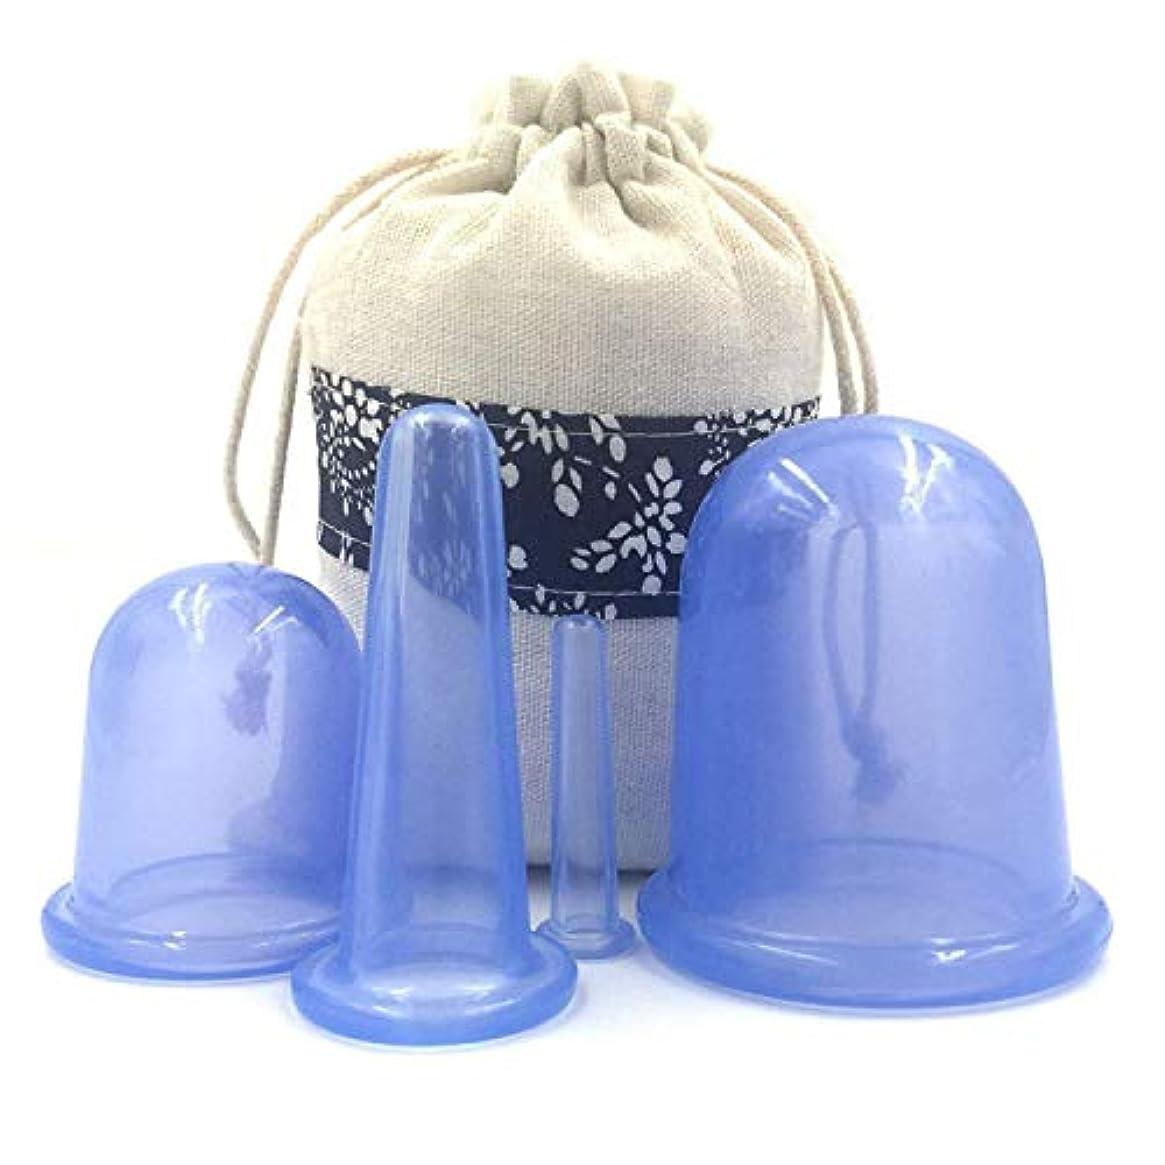 限られたもう一度好きであるセルライトカッピング療法シリコーンカッピングセット家庭用水分カッピングカッピングマッサージカップ